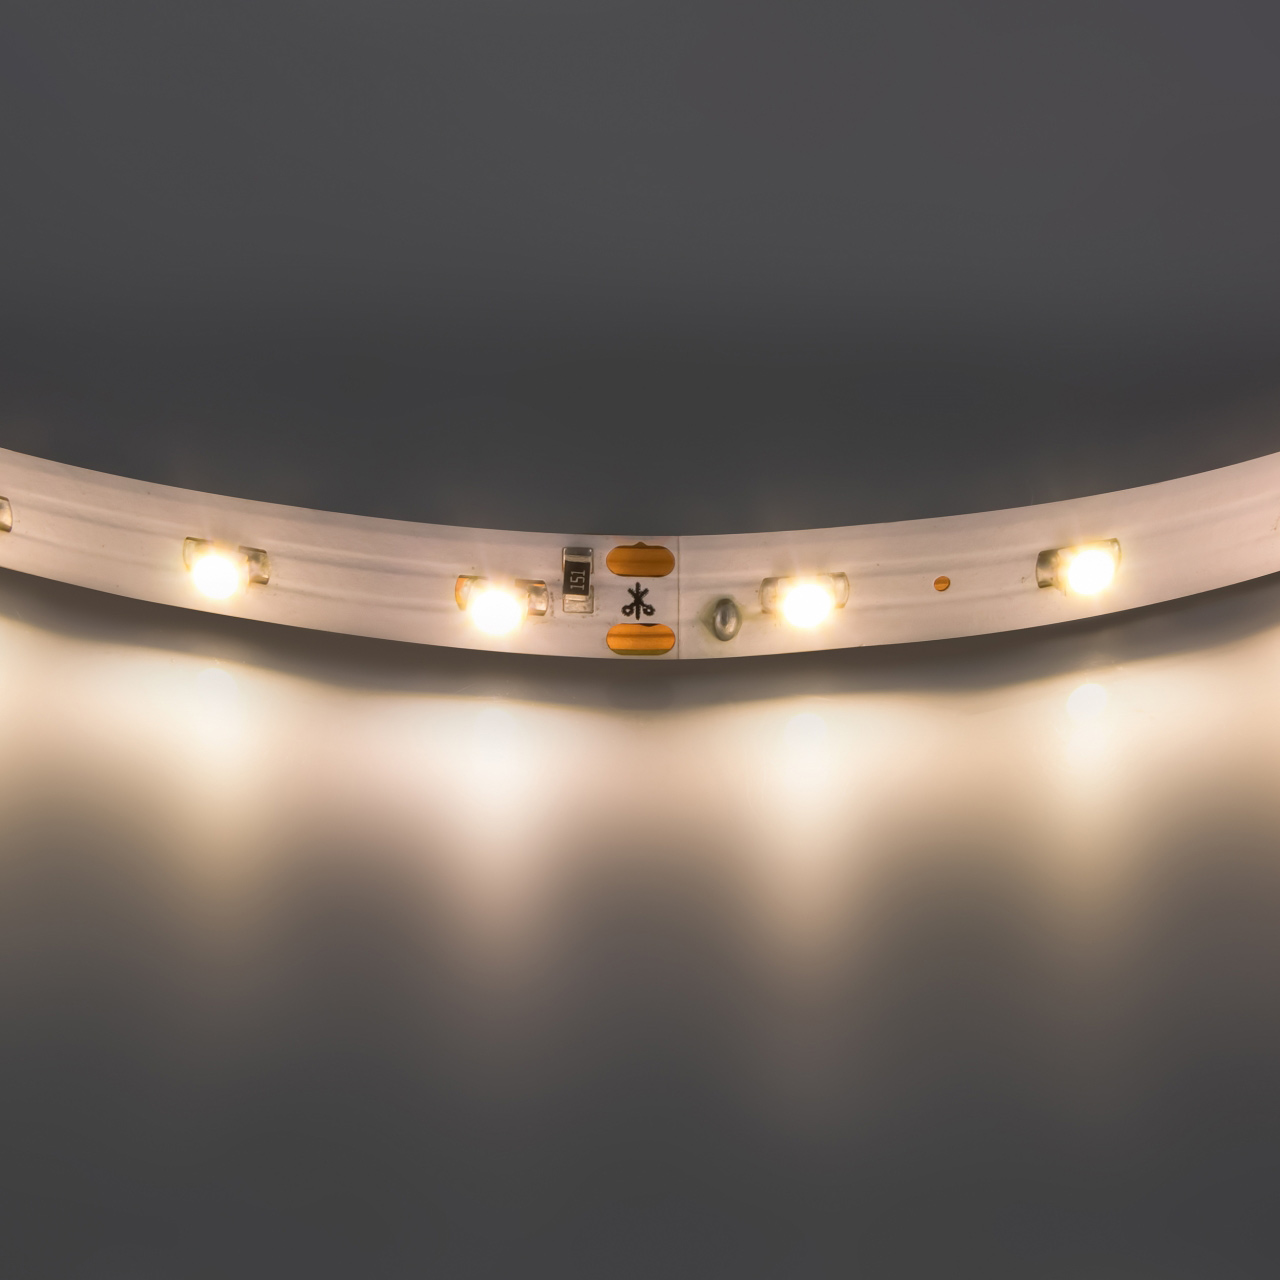 Лента 3528 LED 12V 4.8W 2700K-3000K 200m теплый белый свет Lightstar 400002